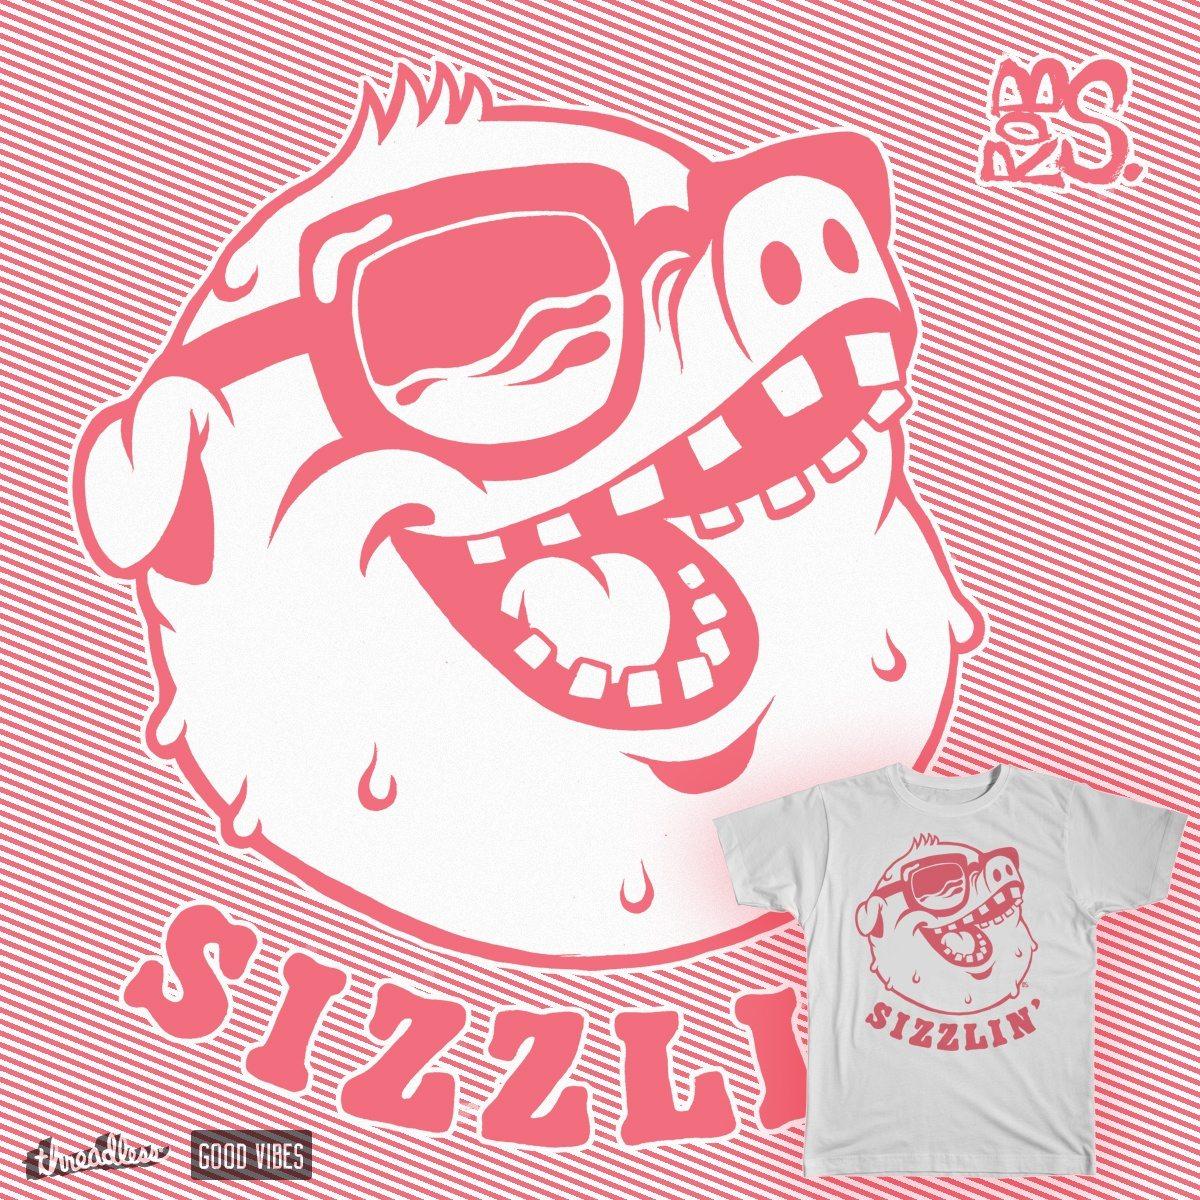 Sizzlin' on Threadless